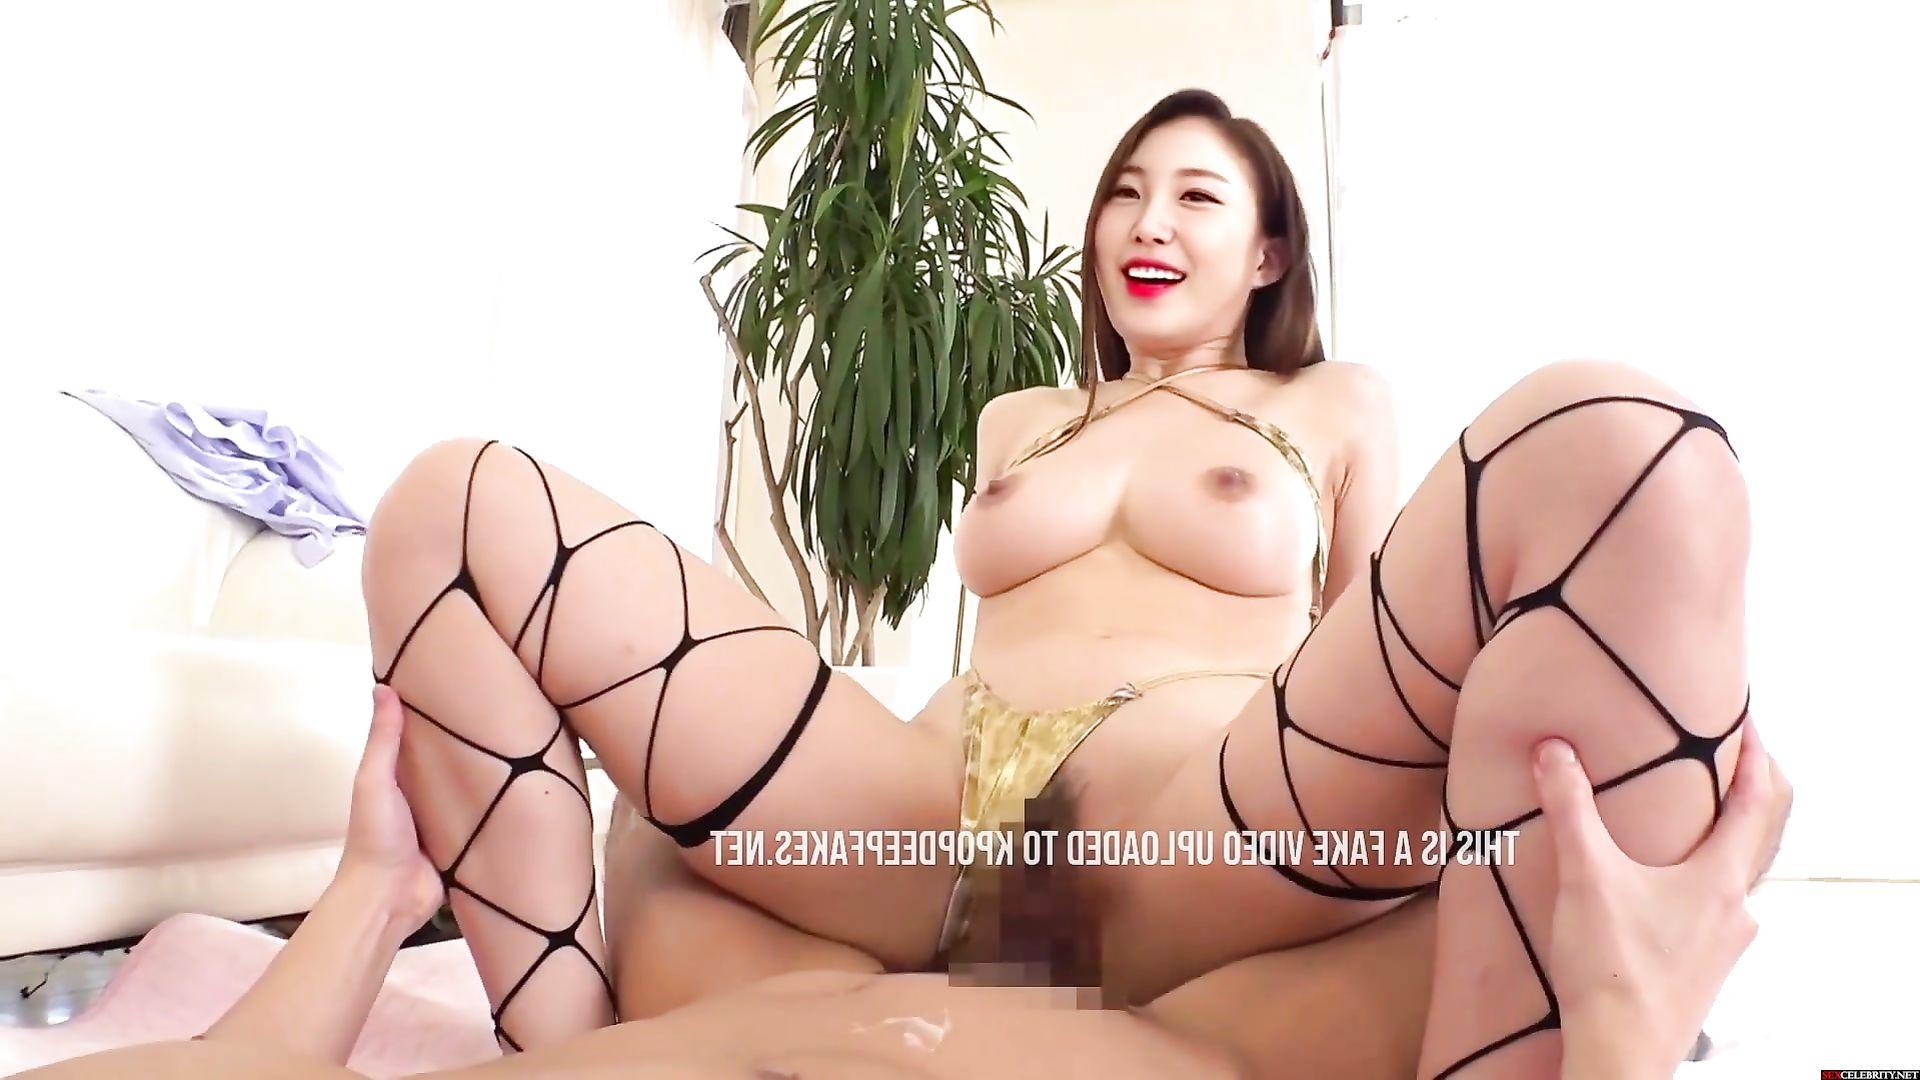 전효성 fake nude Hyoseong (Secret) Deepfakes Porn 전효성 가짜 포르노 시크릿 ...